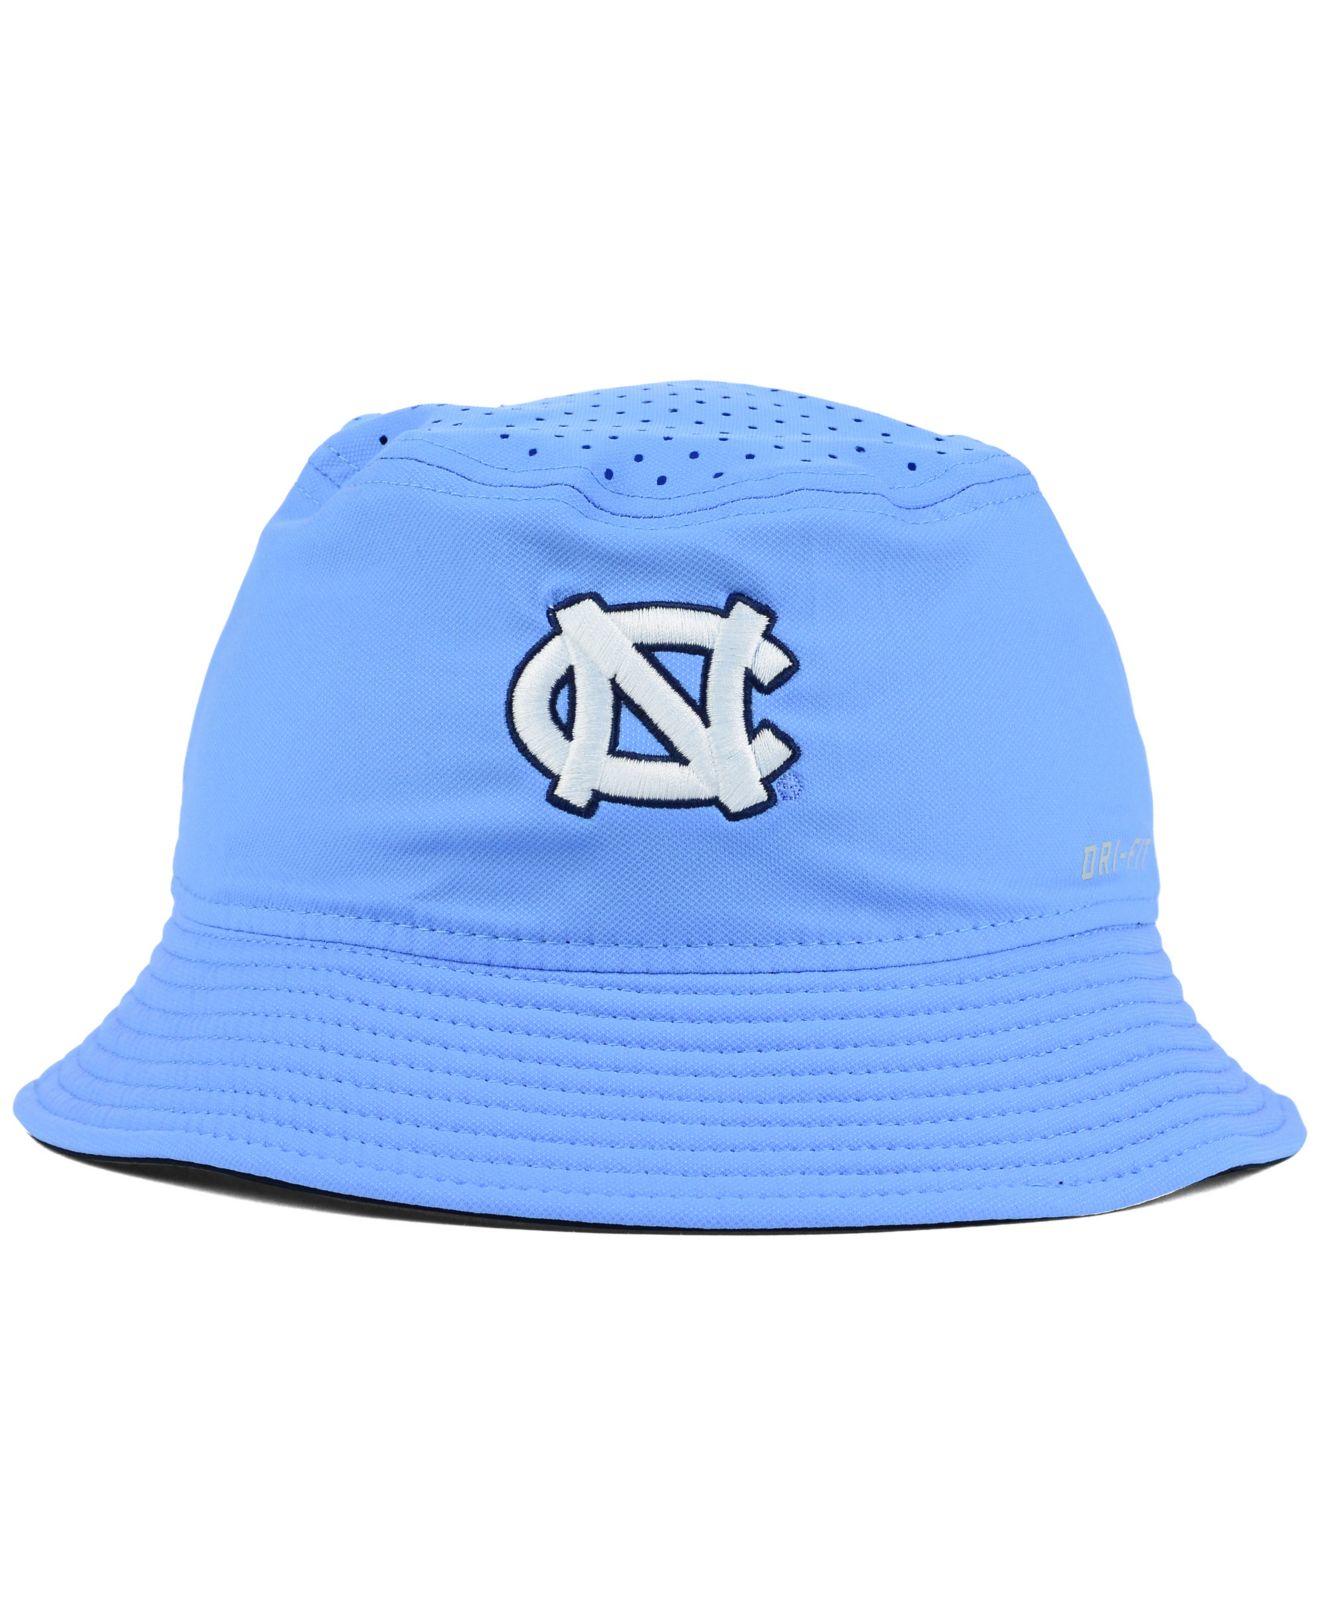 greece north carolina tar heels bucket hat 4cc06 3aeaa 00948d0a3cc